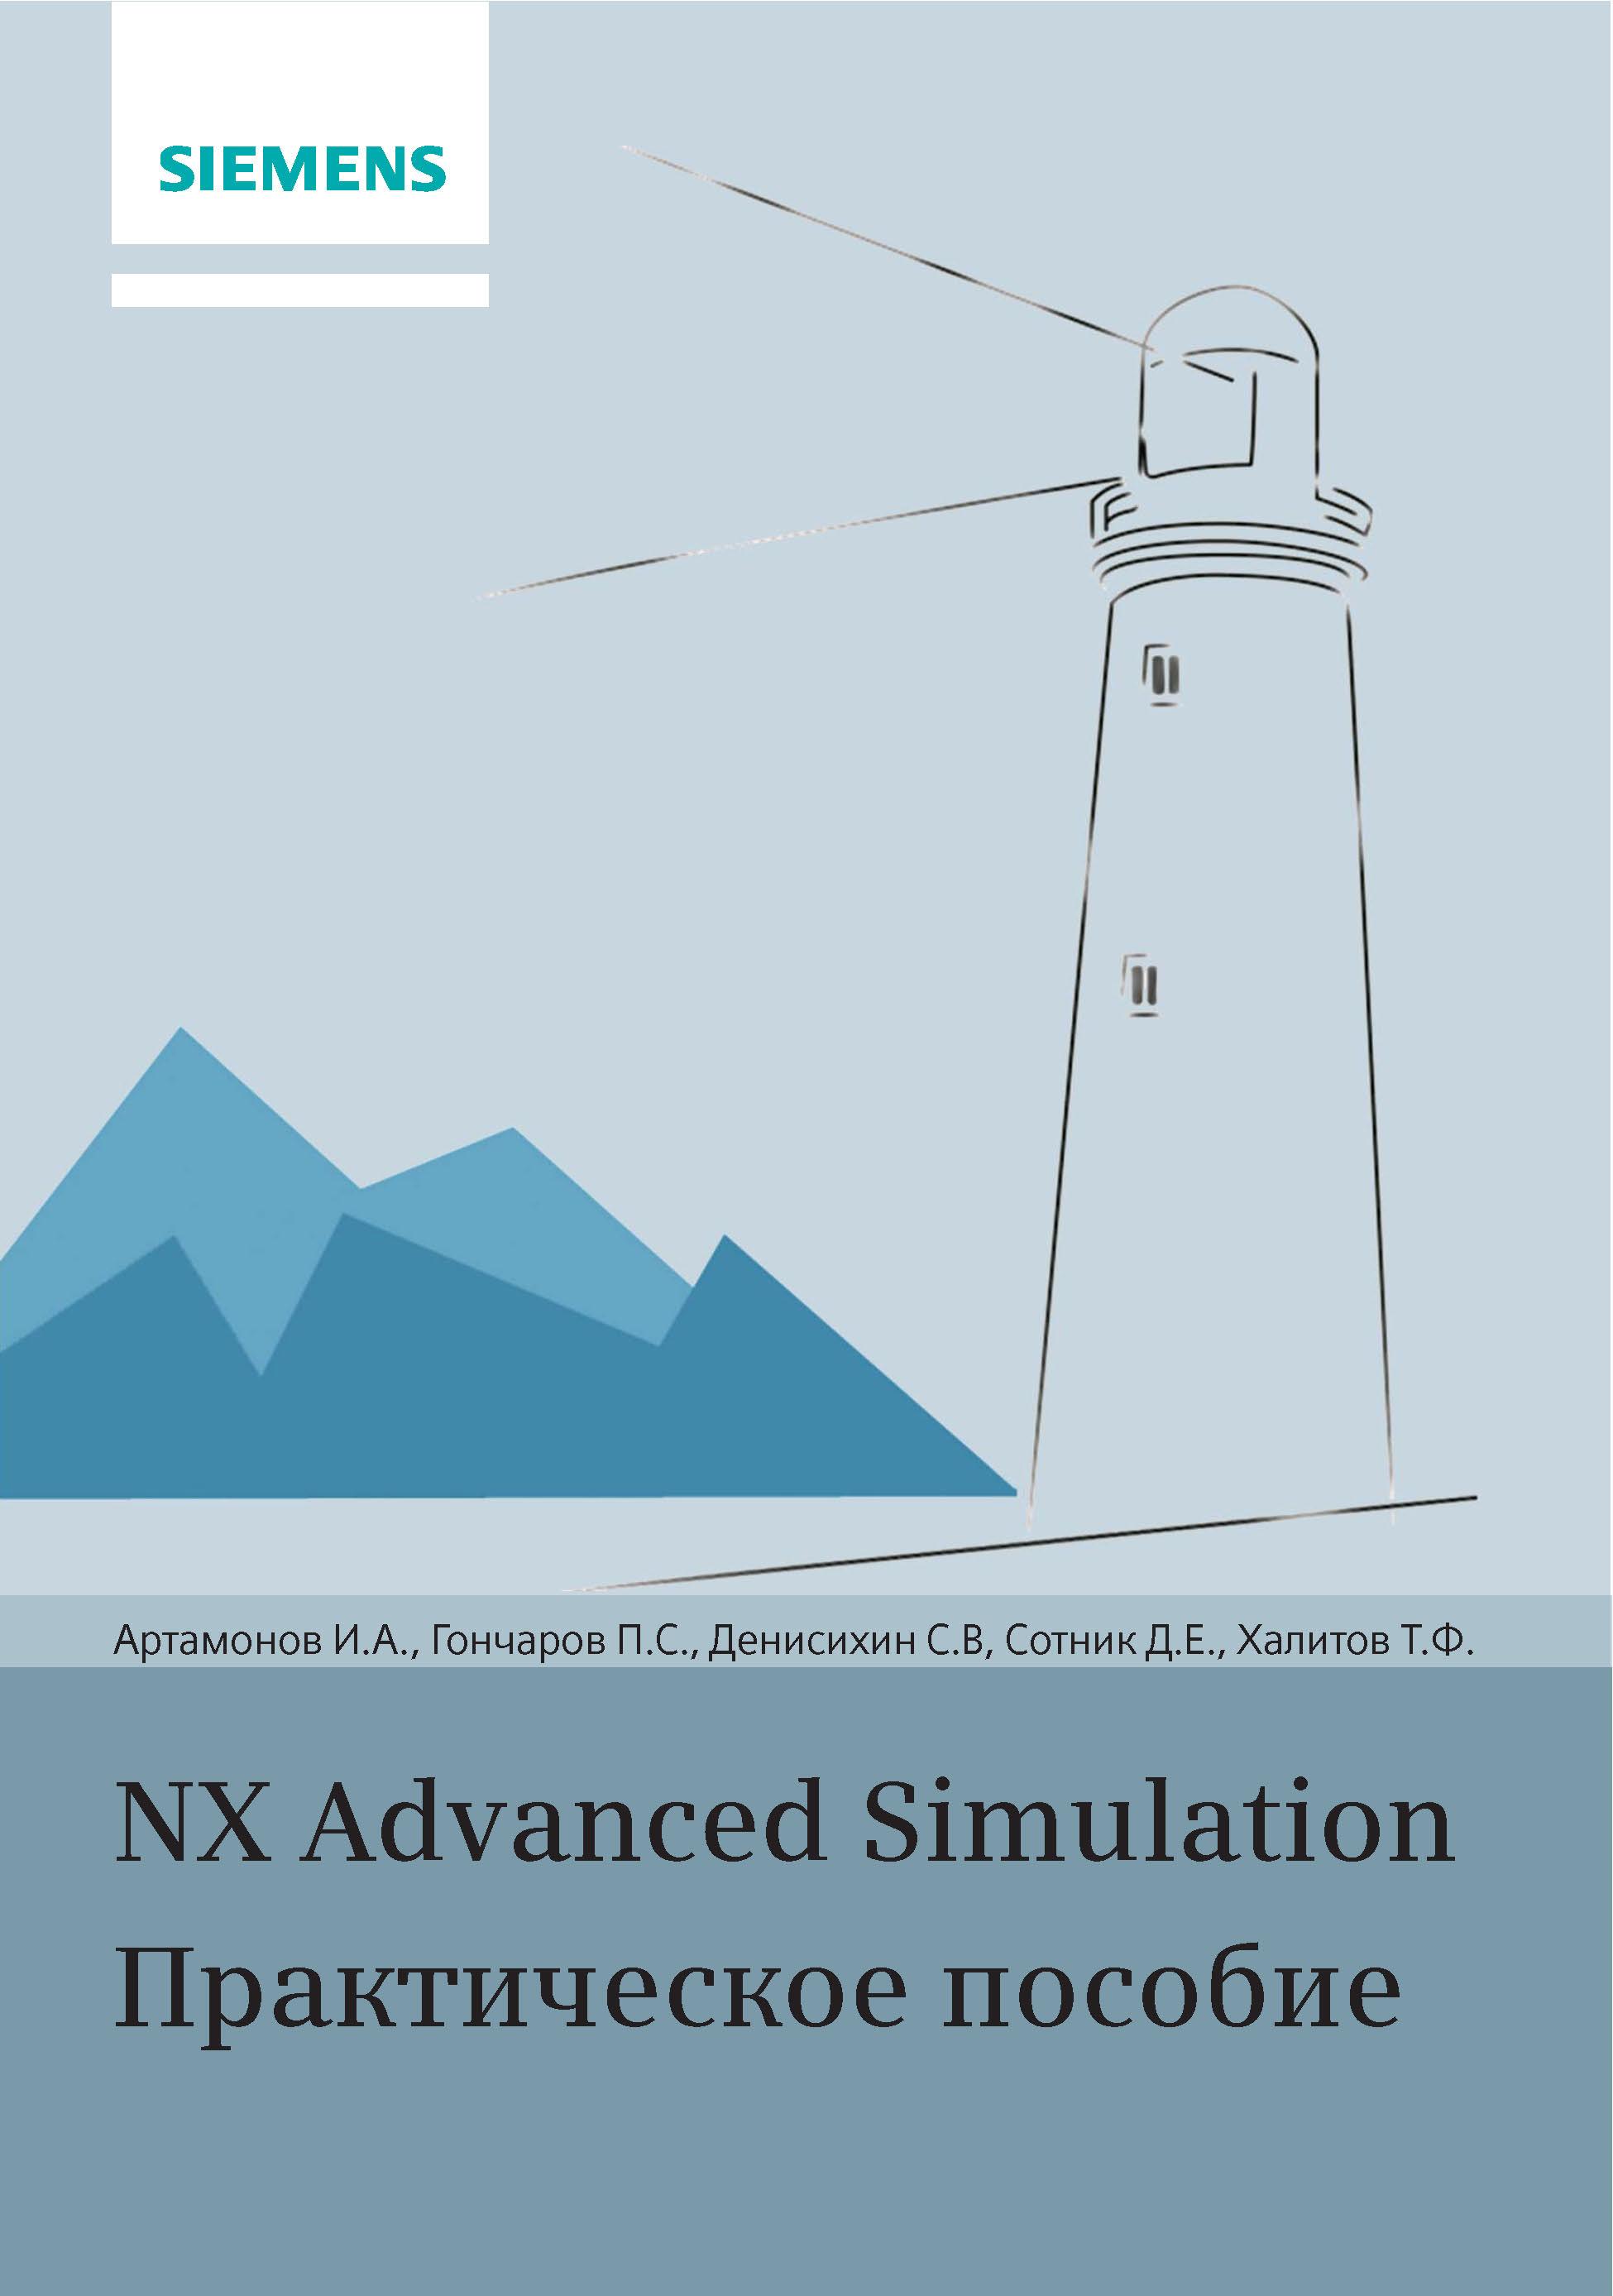 Купить книгу NX Advanced Simulation. Практическое пособие, автора Т. Ф. Халитова